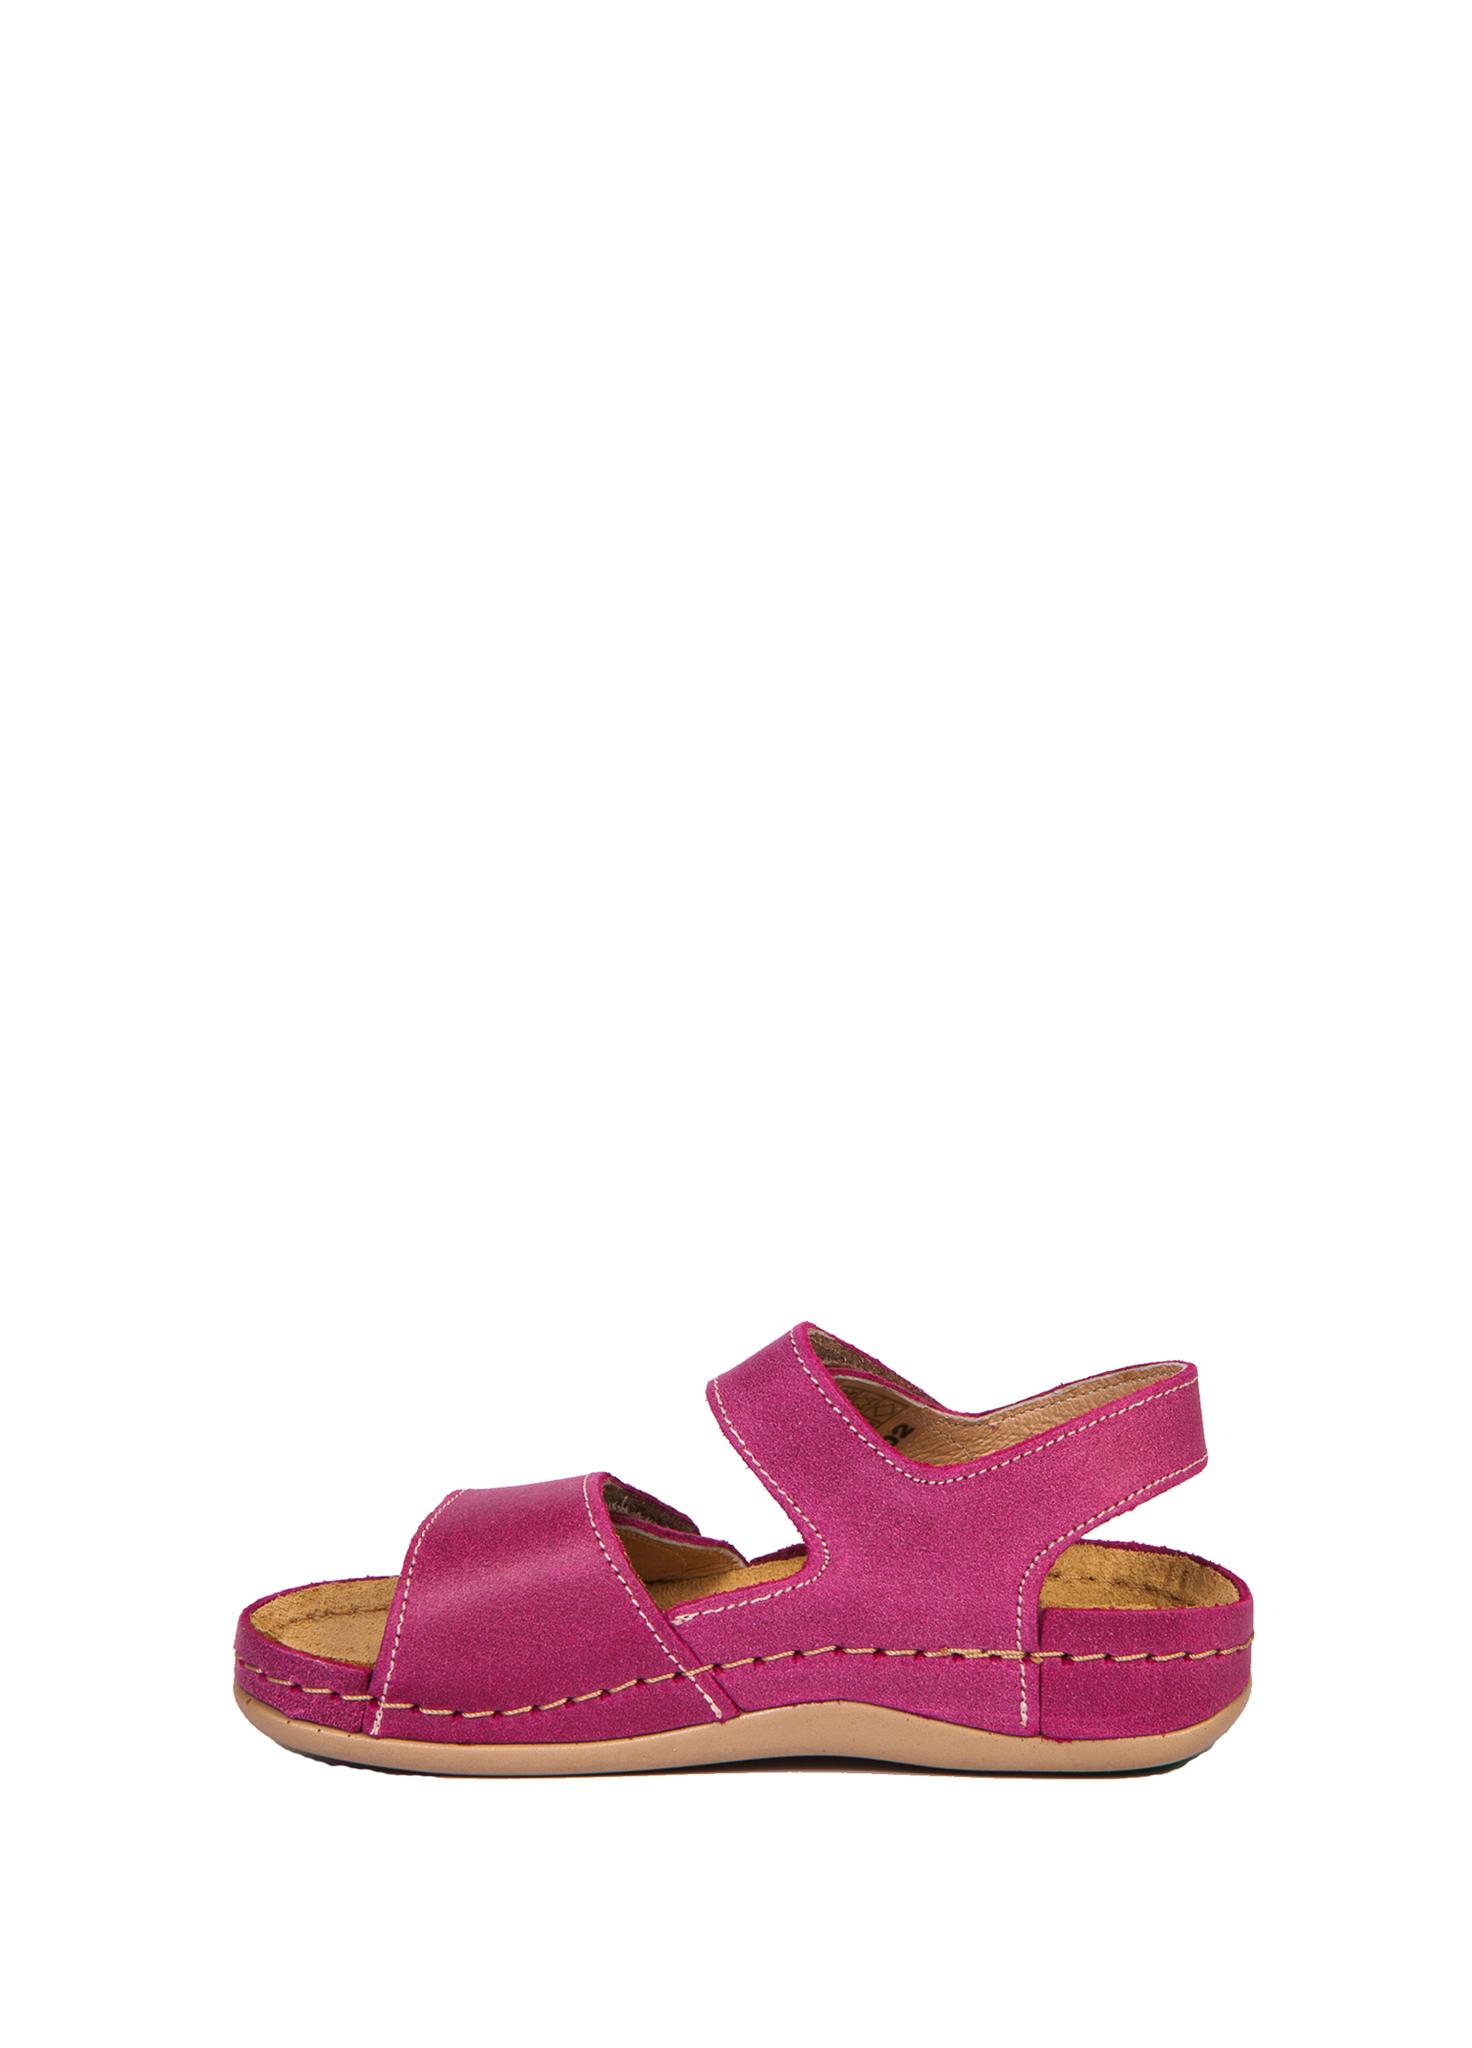 Детские сандалии розовые LEON